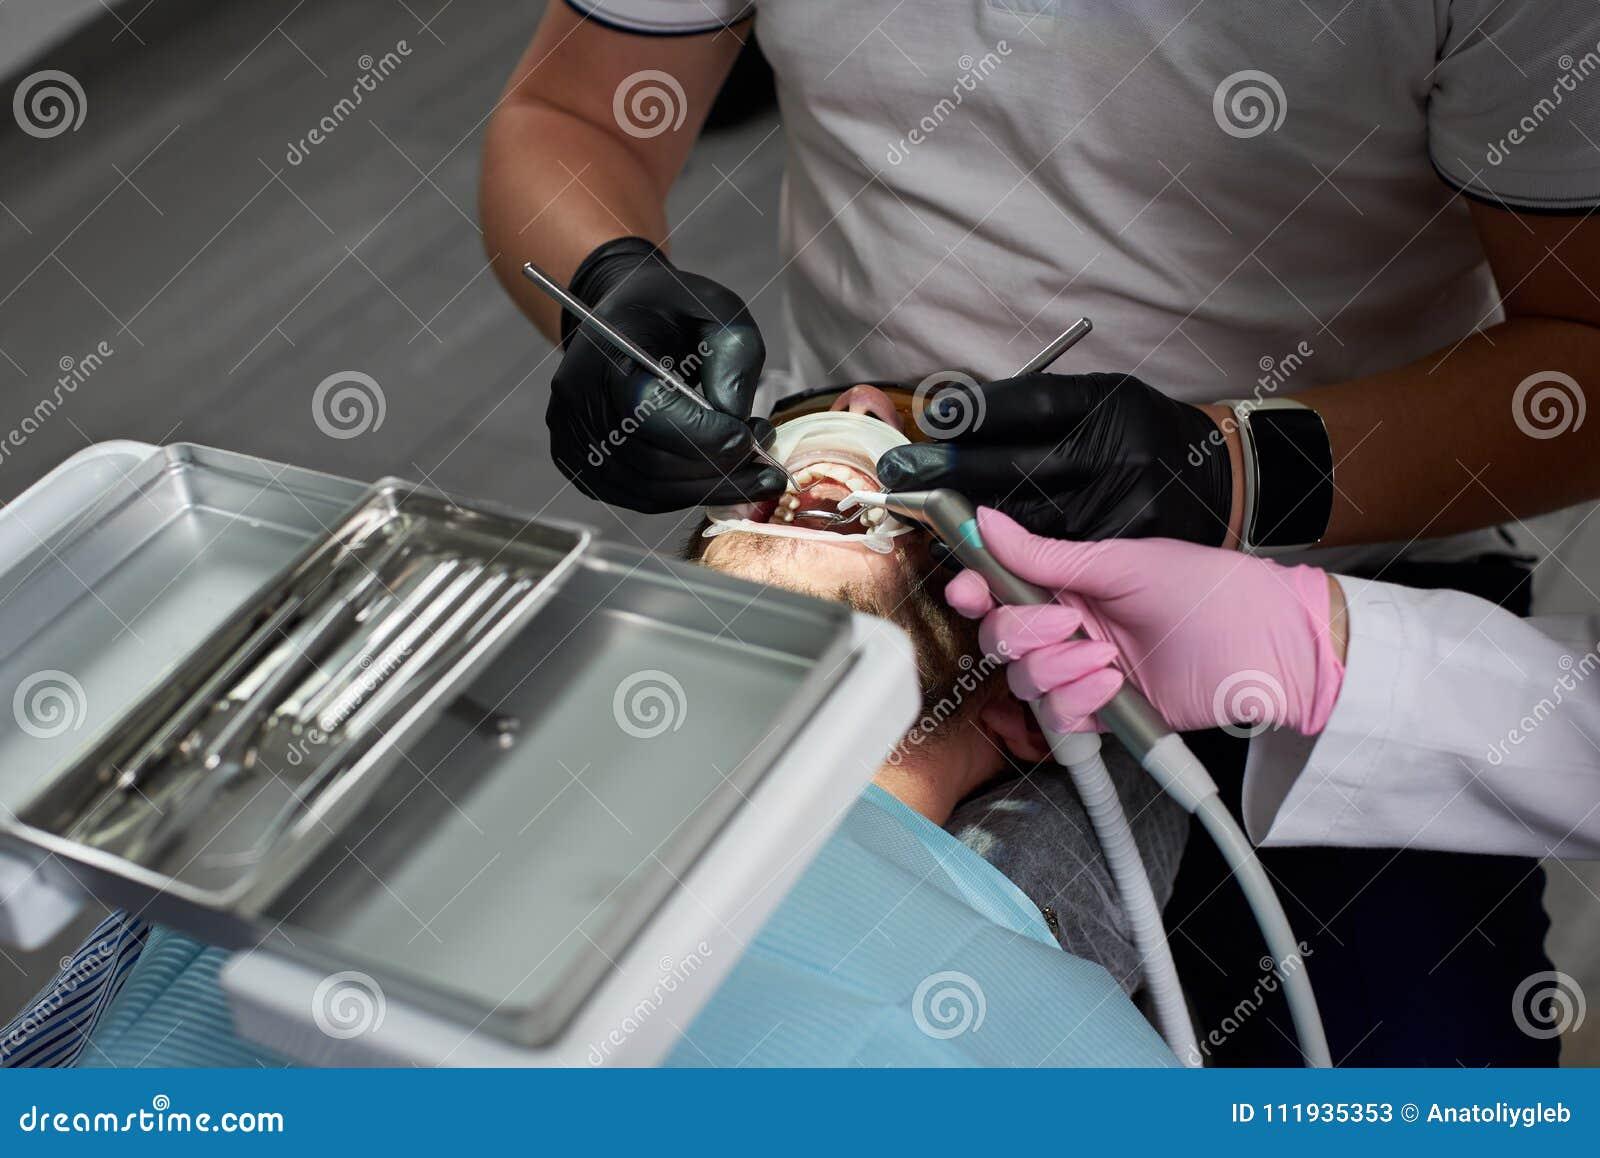 Um cliente de uma odontologia moderna está tendo seus dentes atendidos por um dentista em luvas de borracha pretas